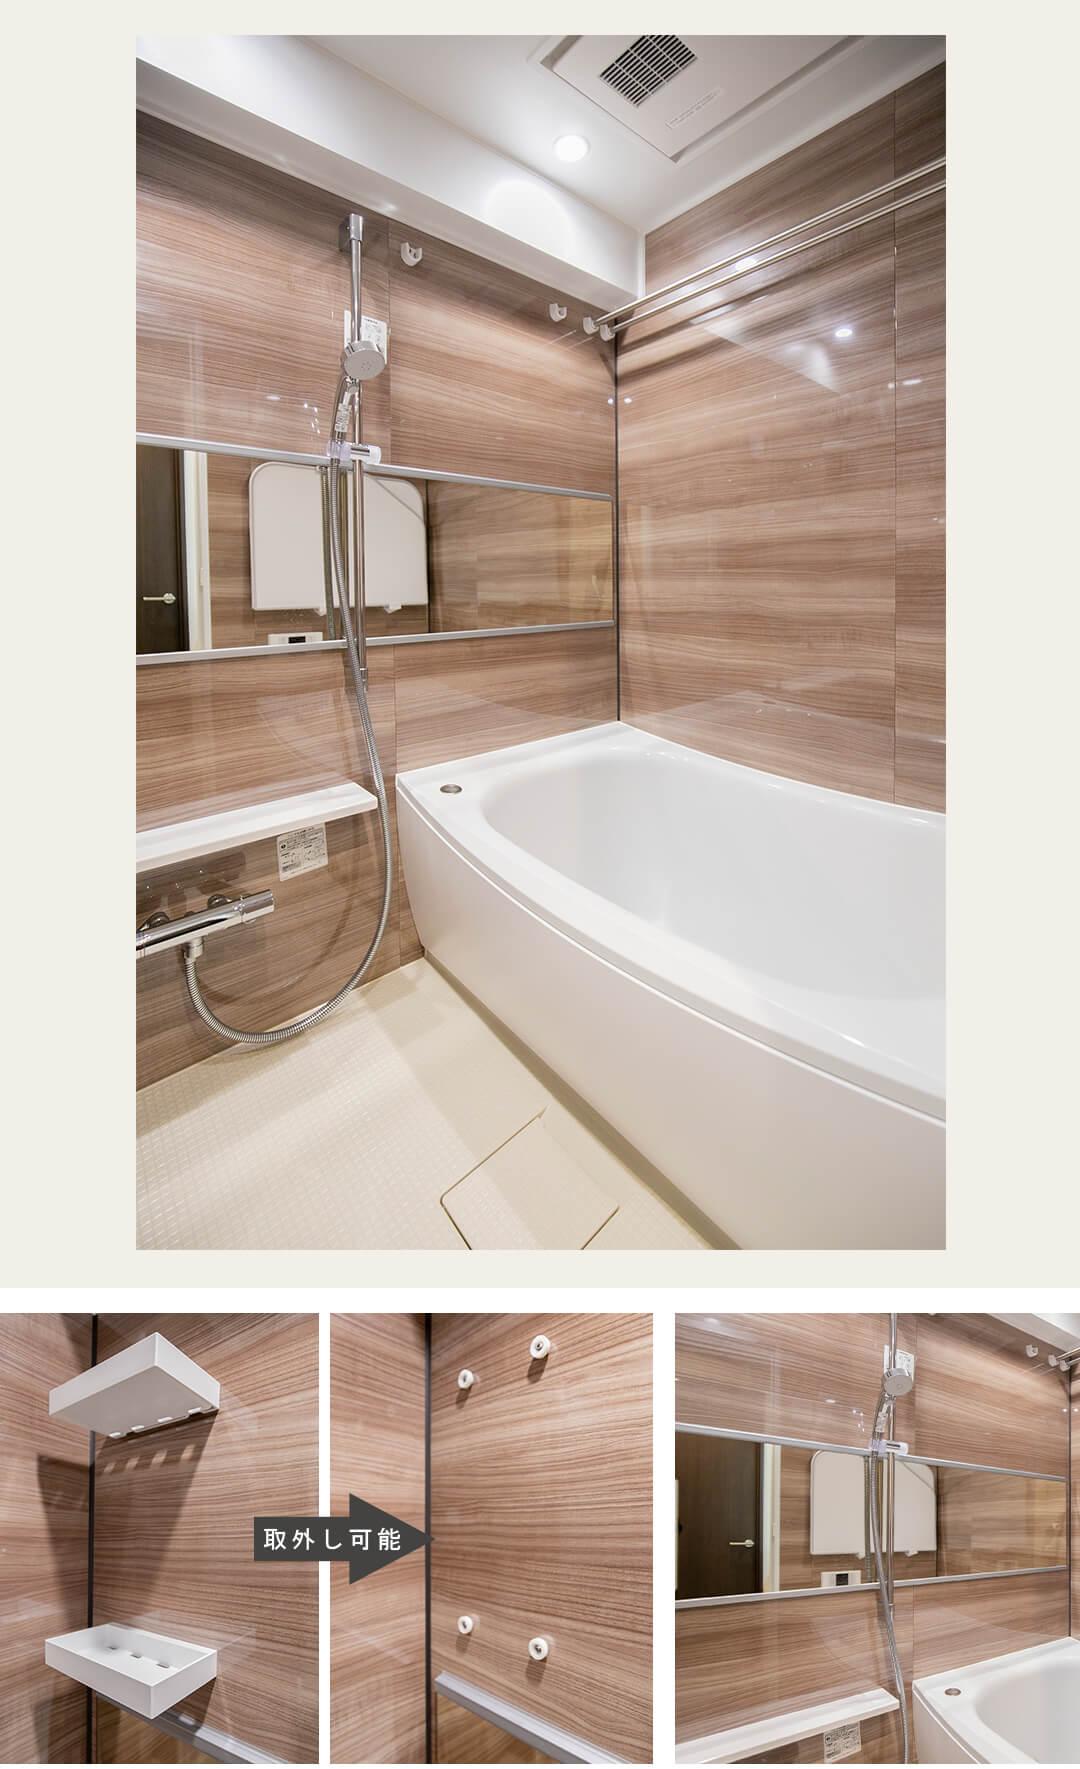 メイツ新宿なつめ坂の浴室